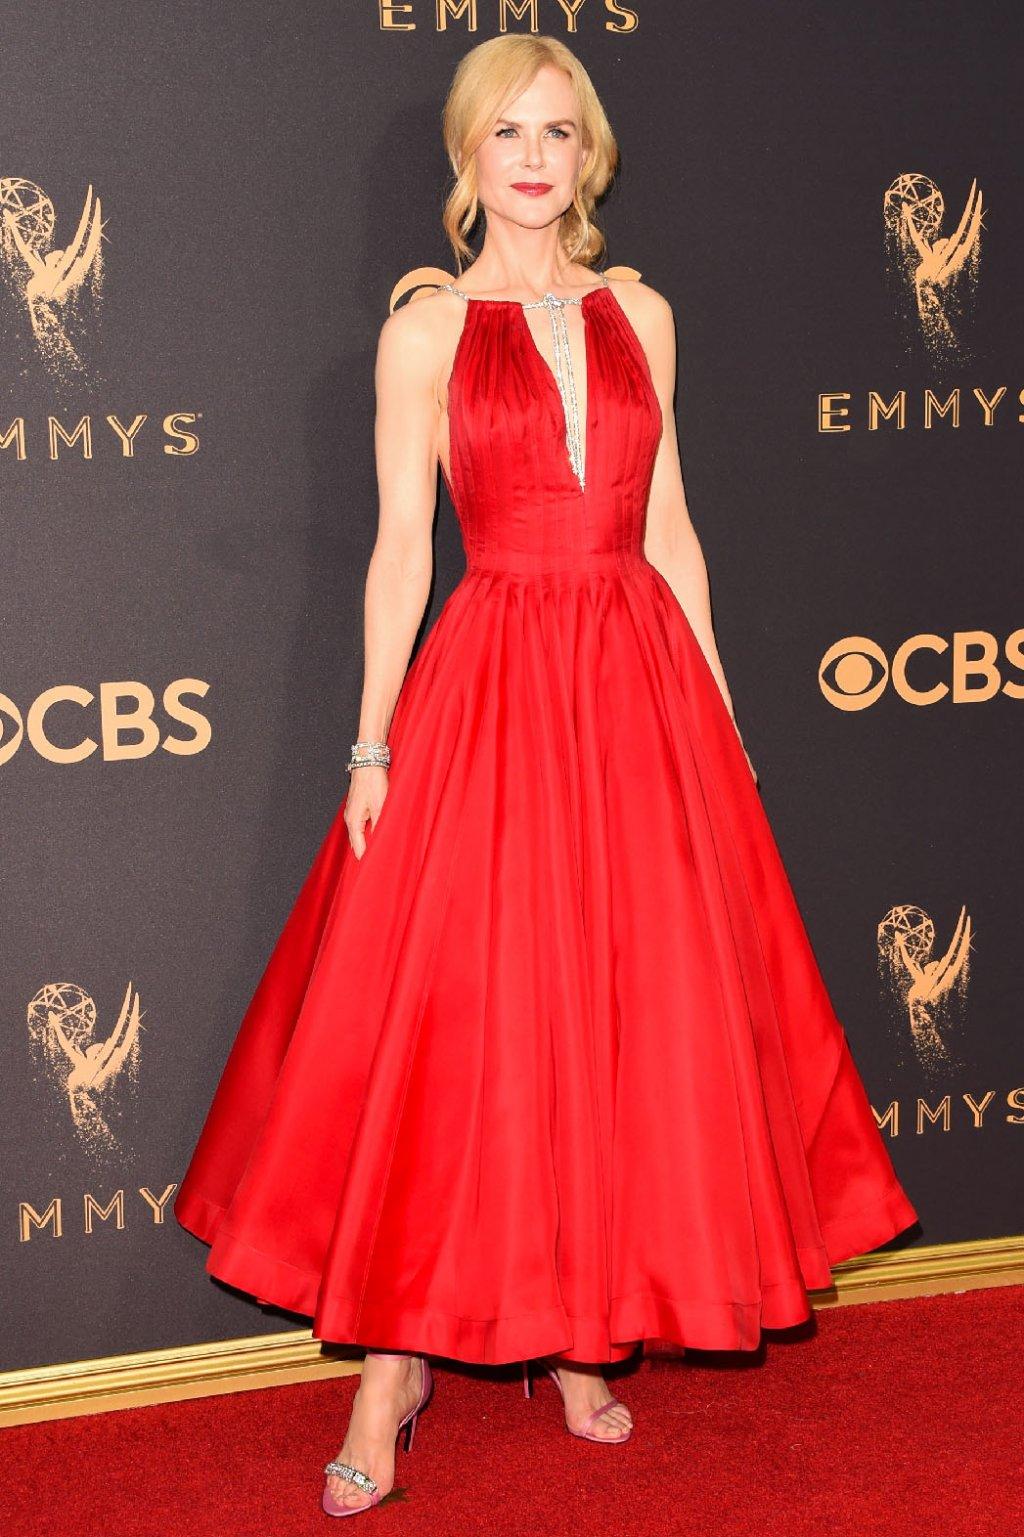 Lễ trao giải Emmy: Vợ cũ Tom Cruise và HBO đại thắng - 7